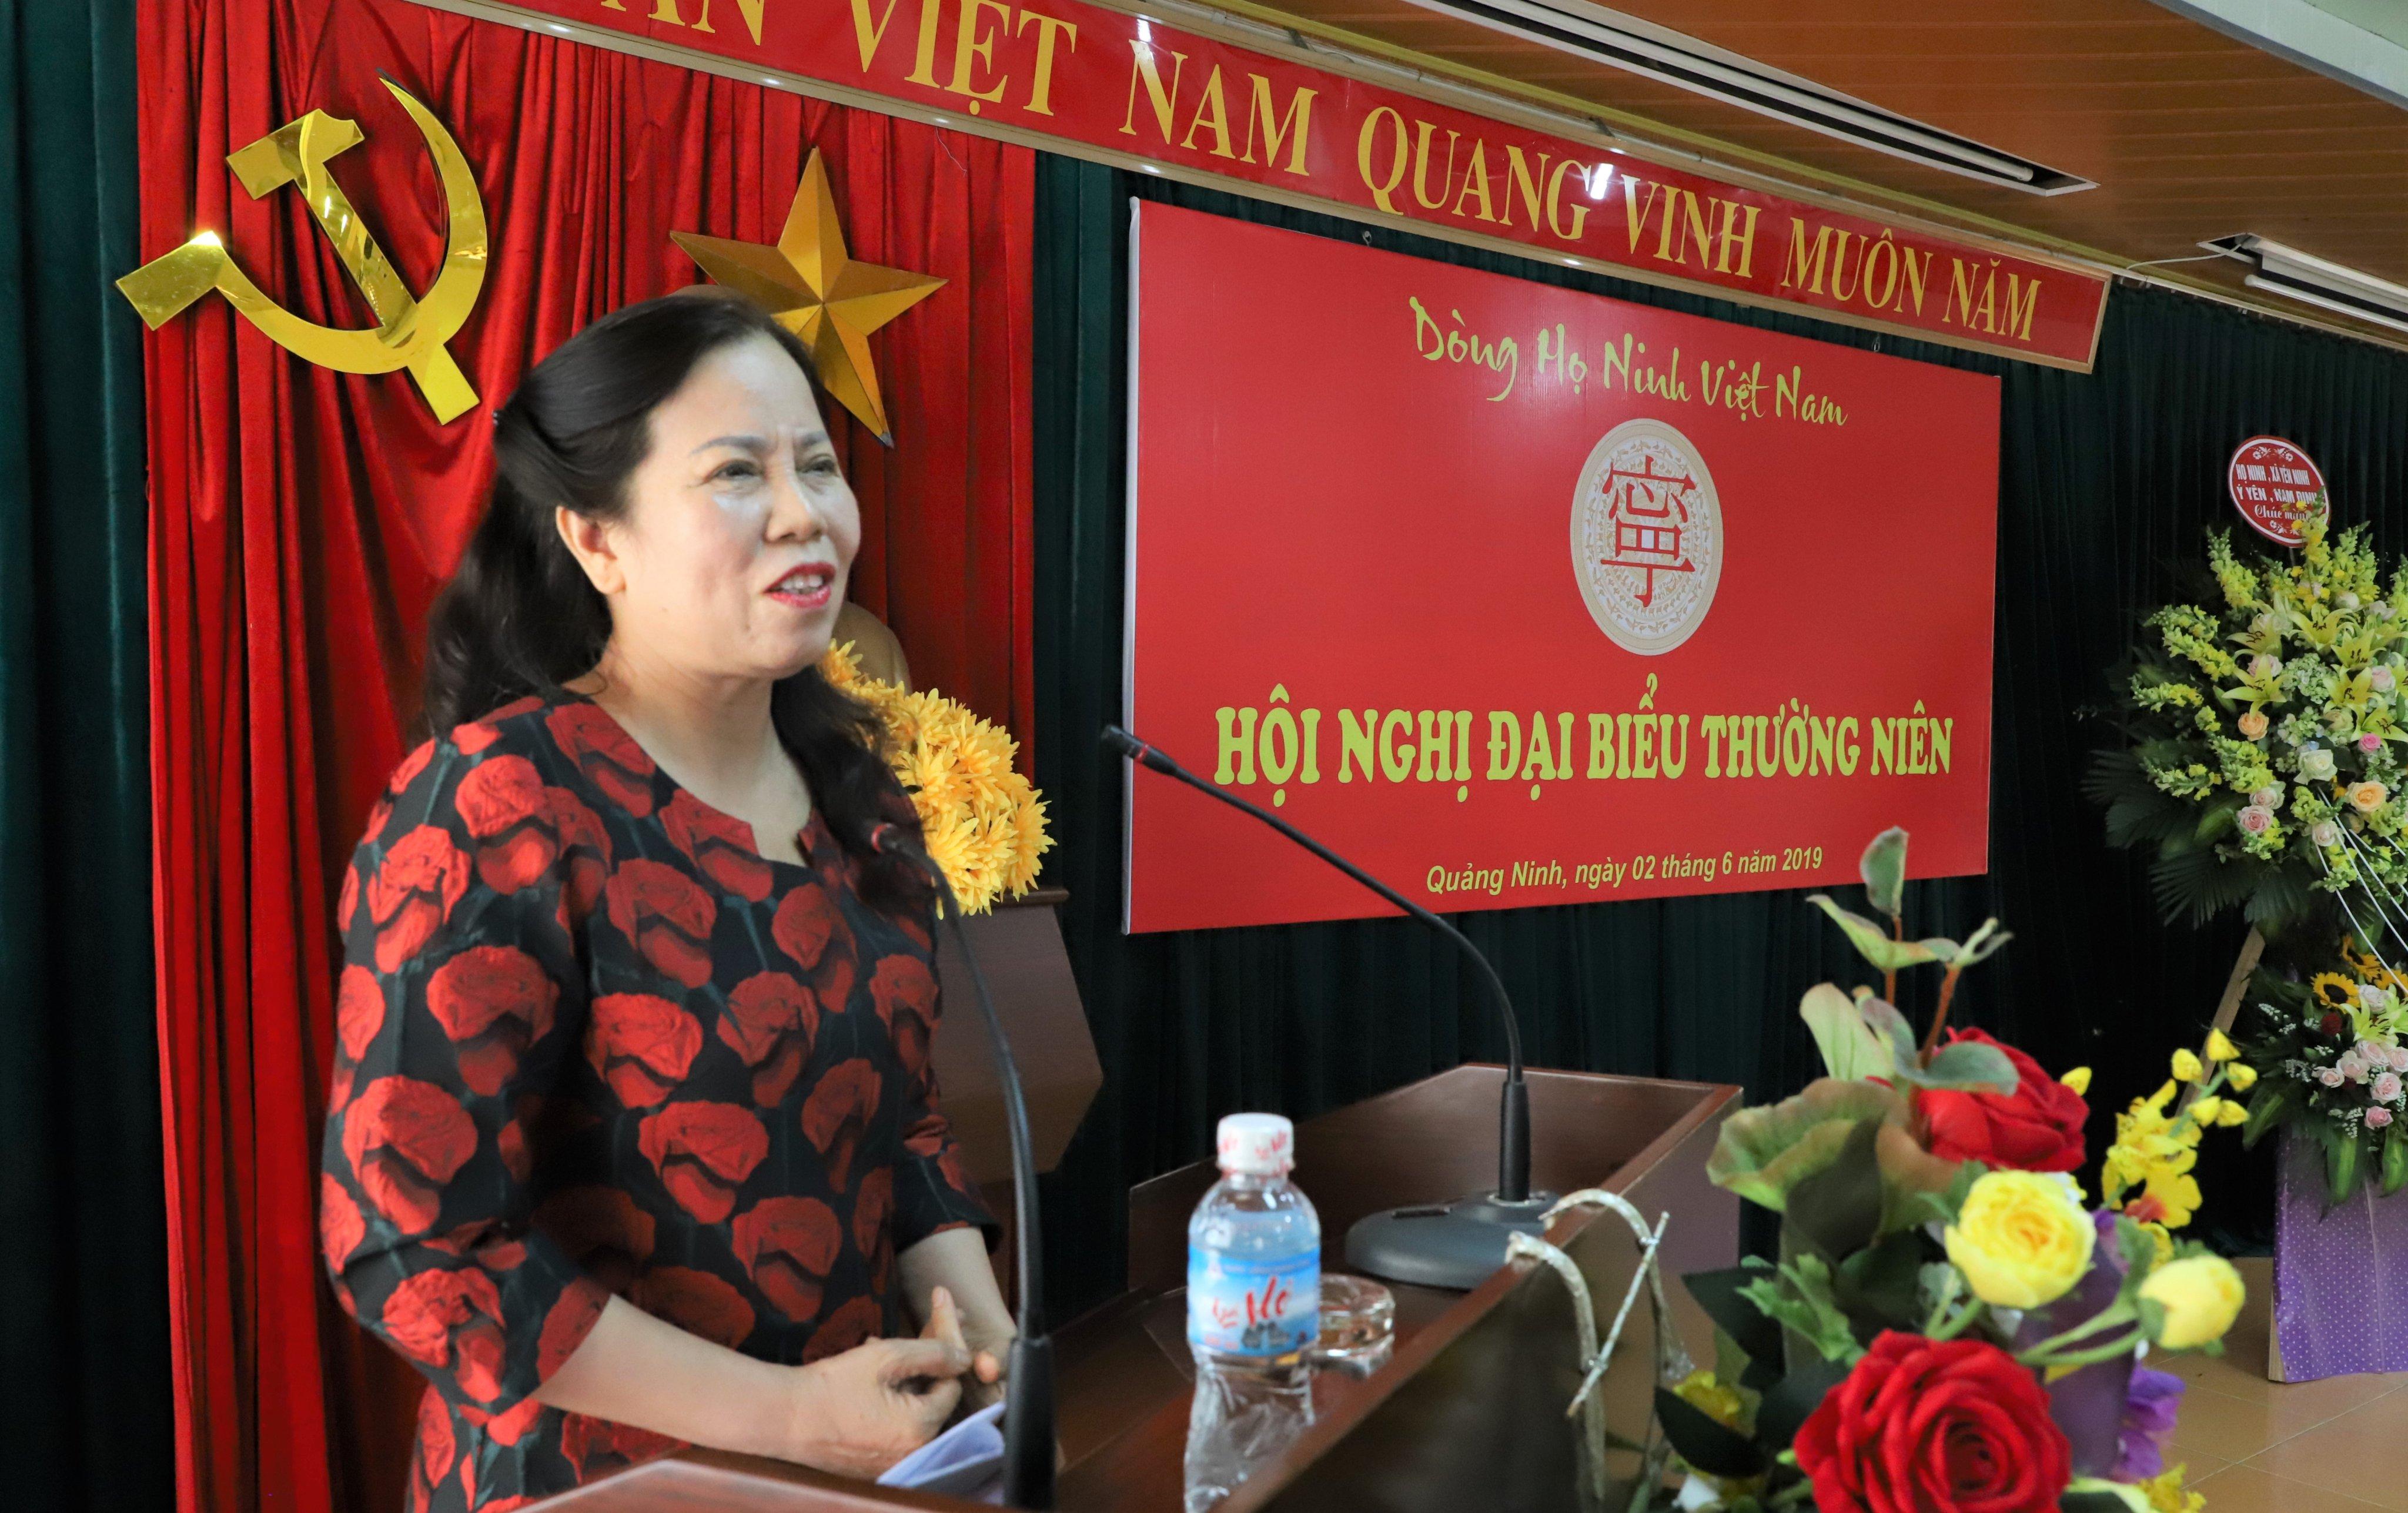 Anh hùng lao động Ninh Thị Ty, phát biểu tham luận với đại hội